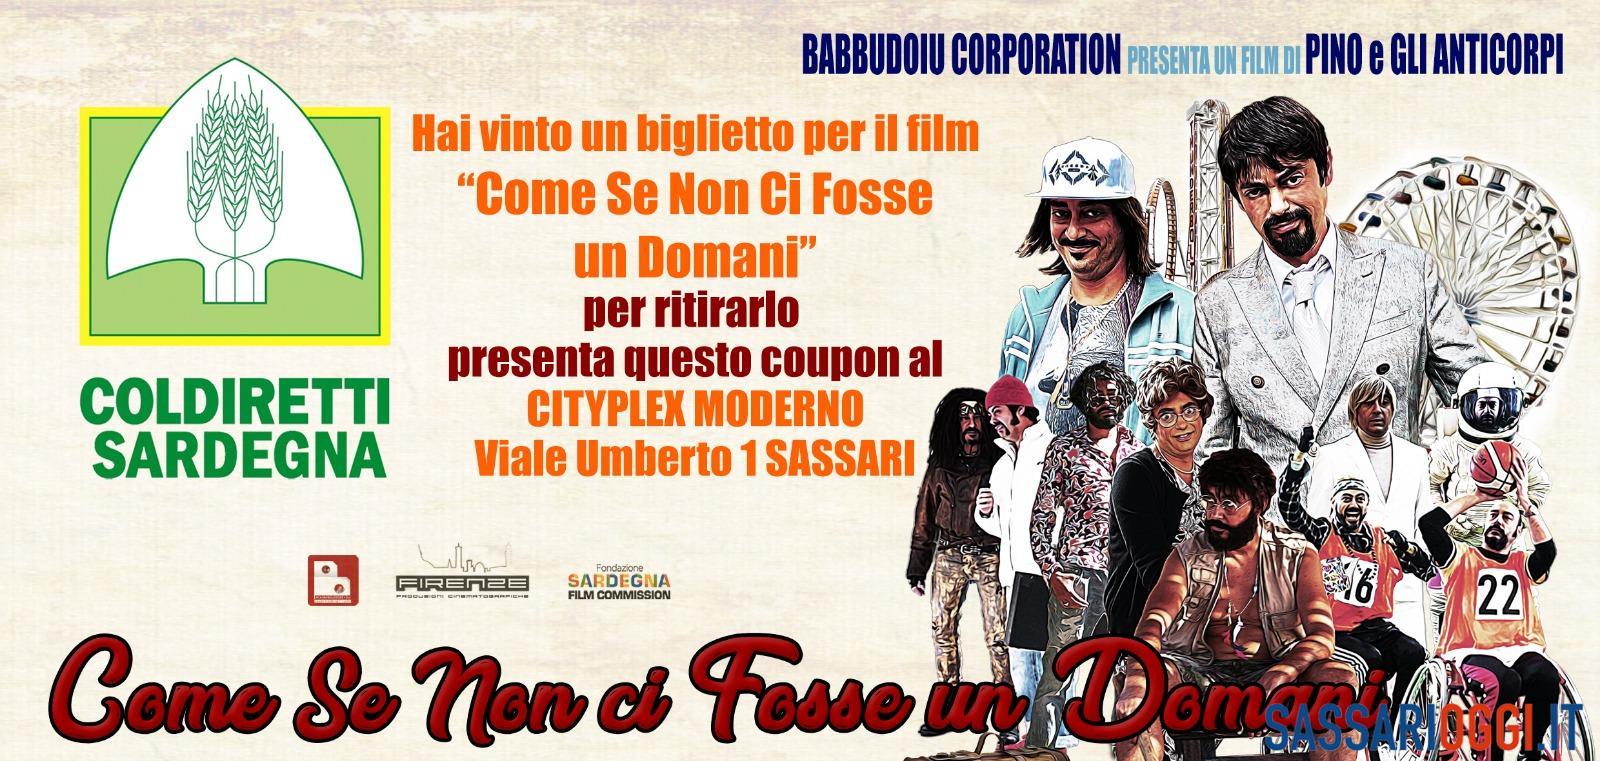 Sassari, al mercato in omaggio il biglietto del film di Pino e gli Anticorpi - Sassari Oggi